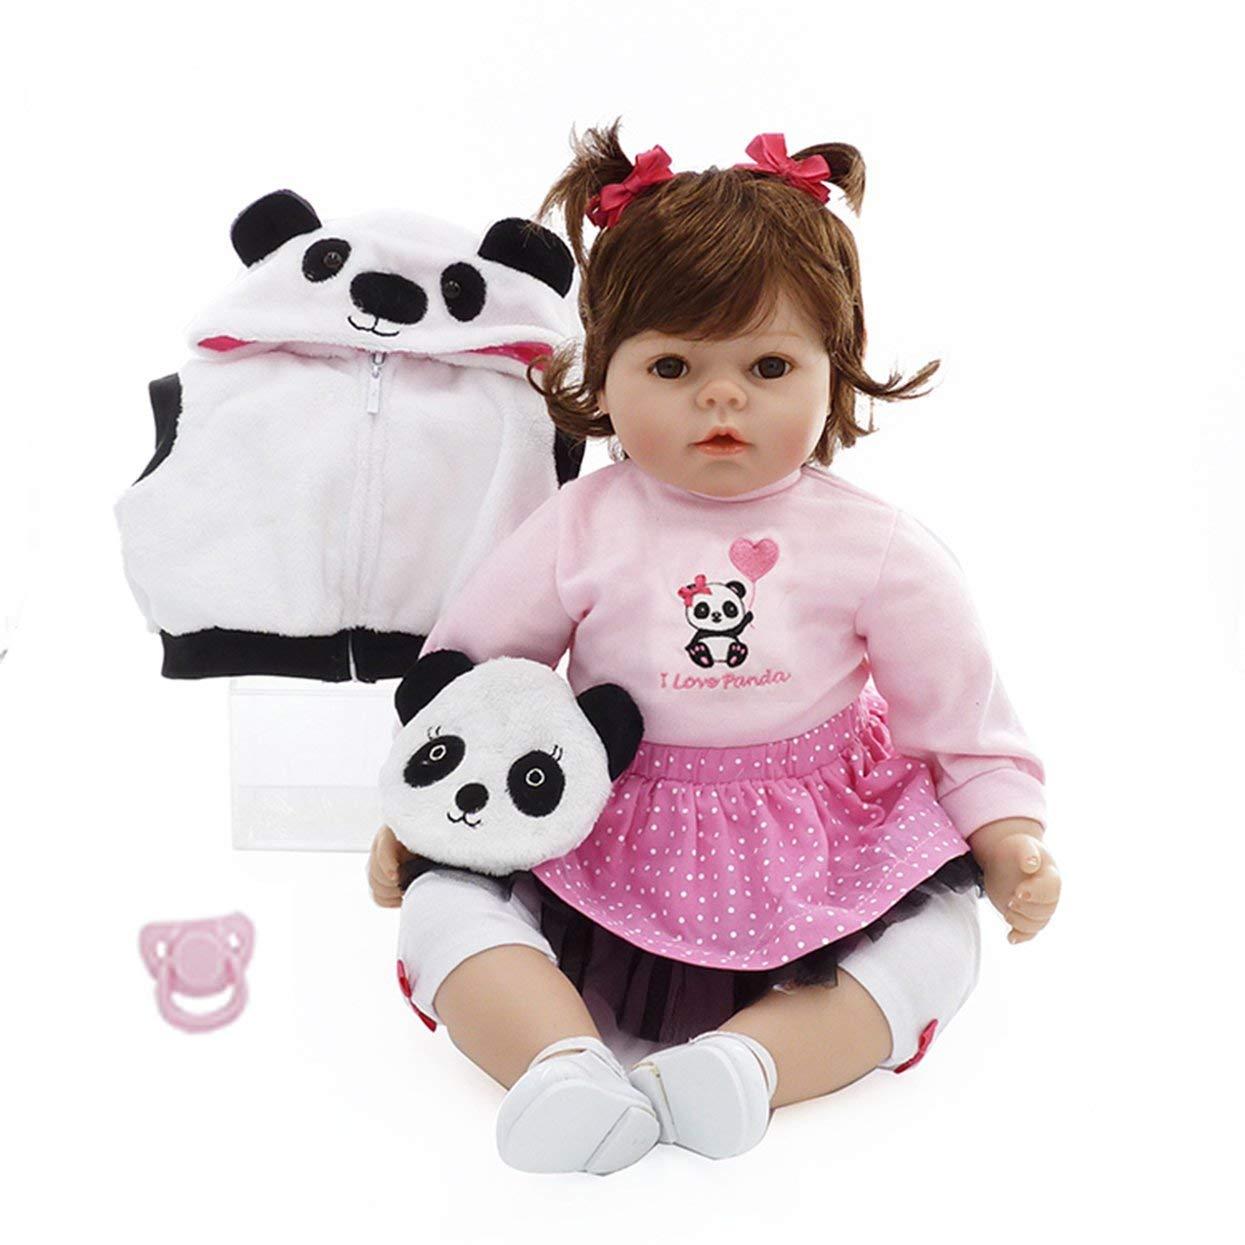 50 cm de Tela del Cuerpo Reborn Baby Dolls con Lovely Panda Clothes Regalo del niño de Silicona Suave Doll Imitation Baby Funny Play House Toy